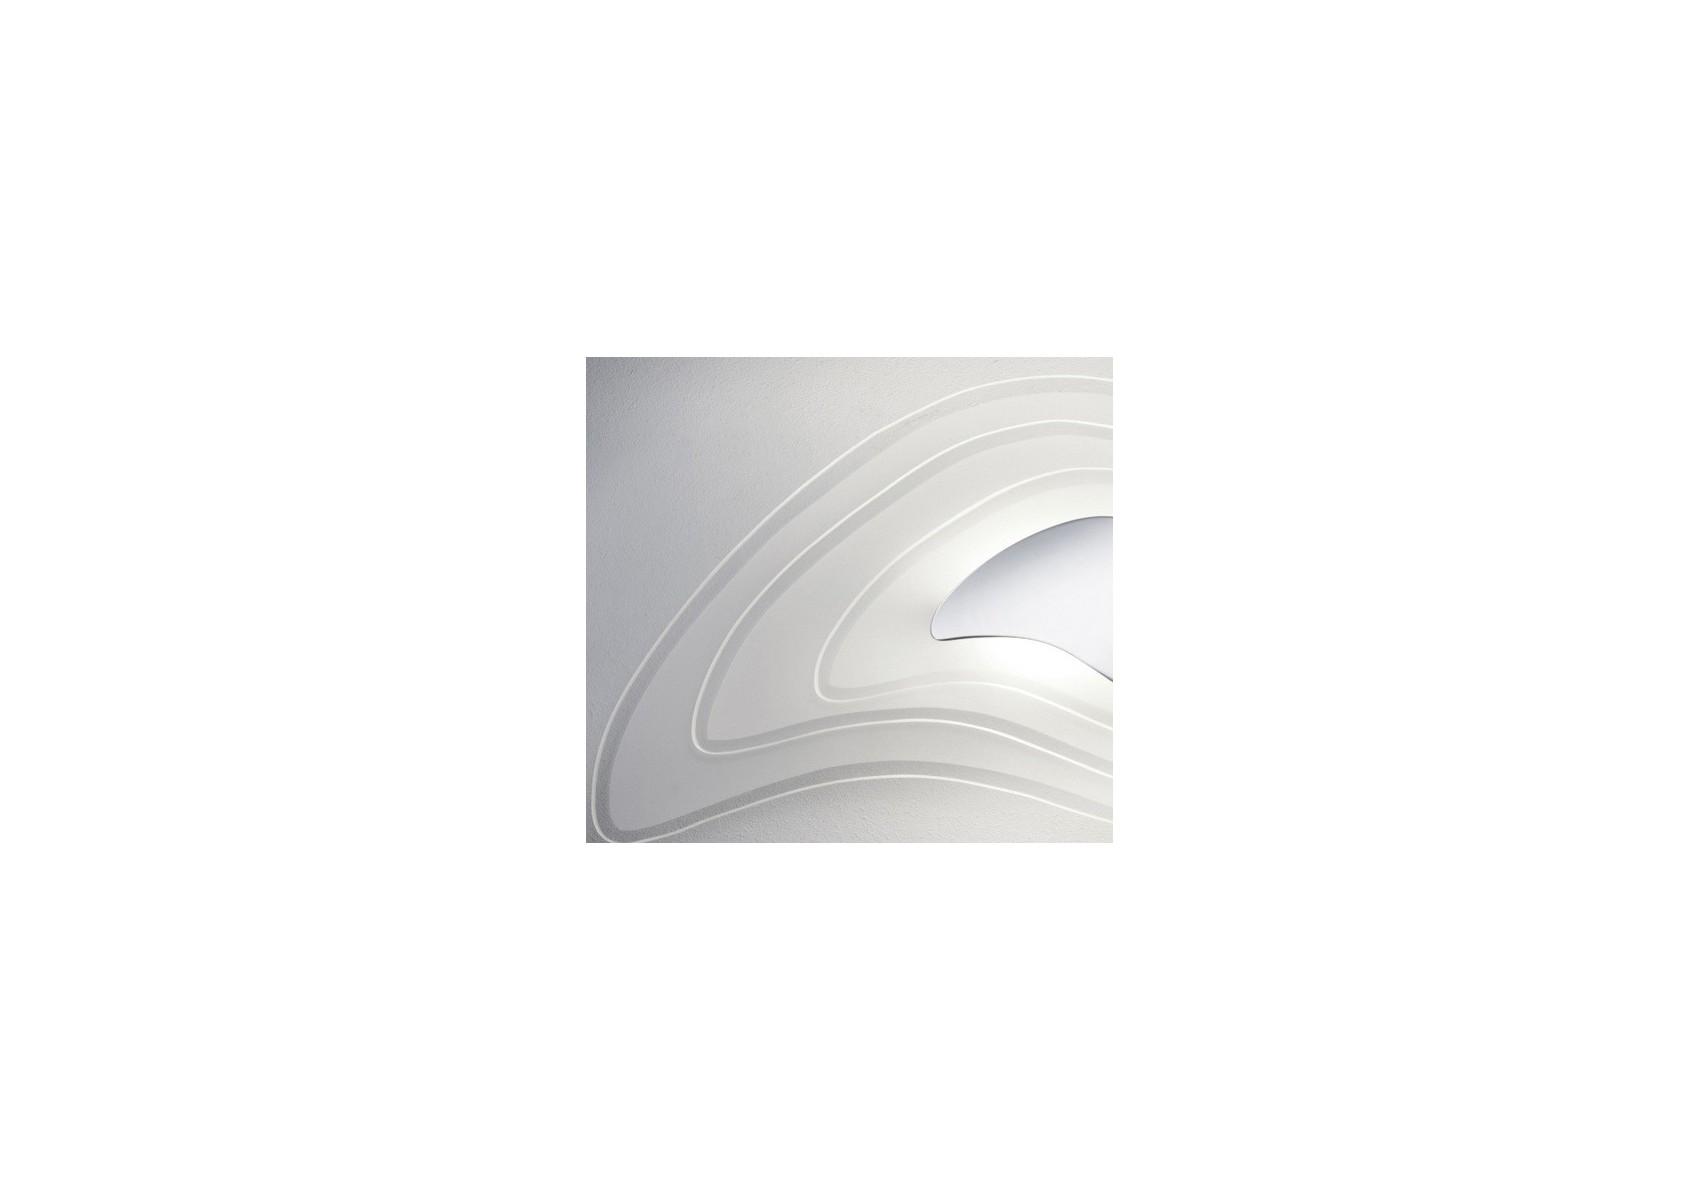 Grande applique design amoebe en chrome et verre boite à design